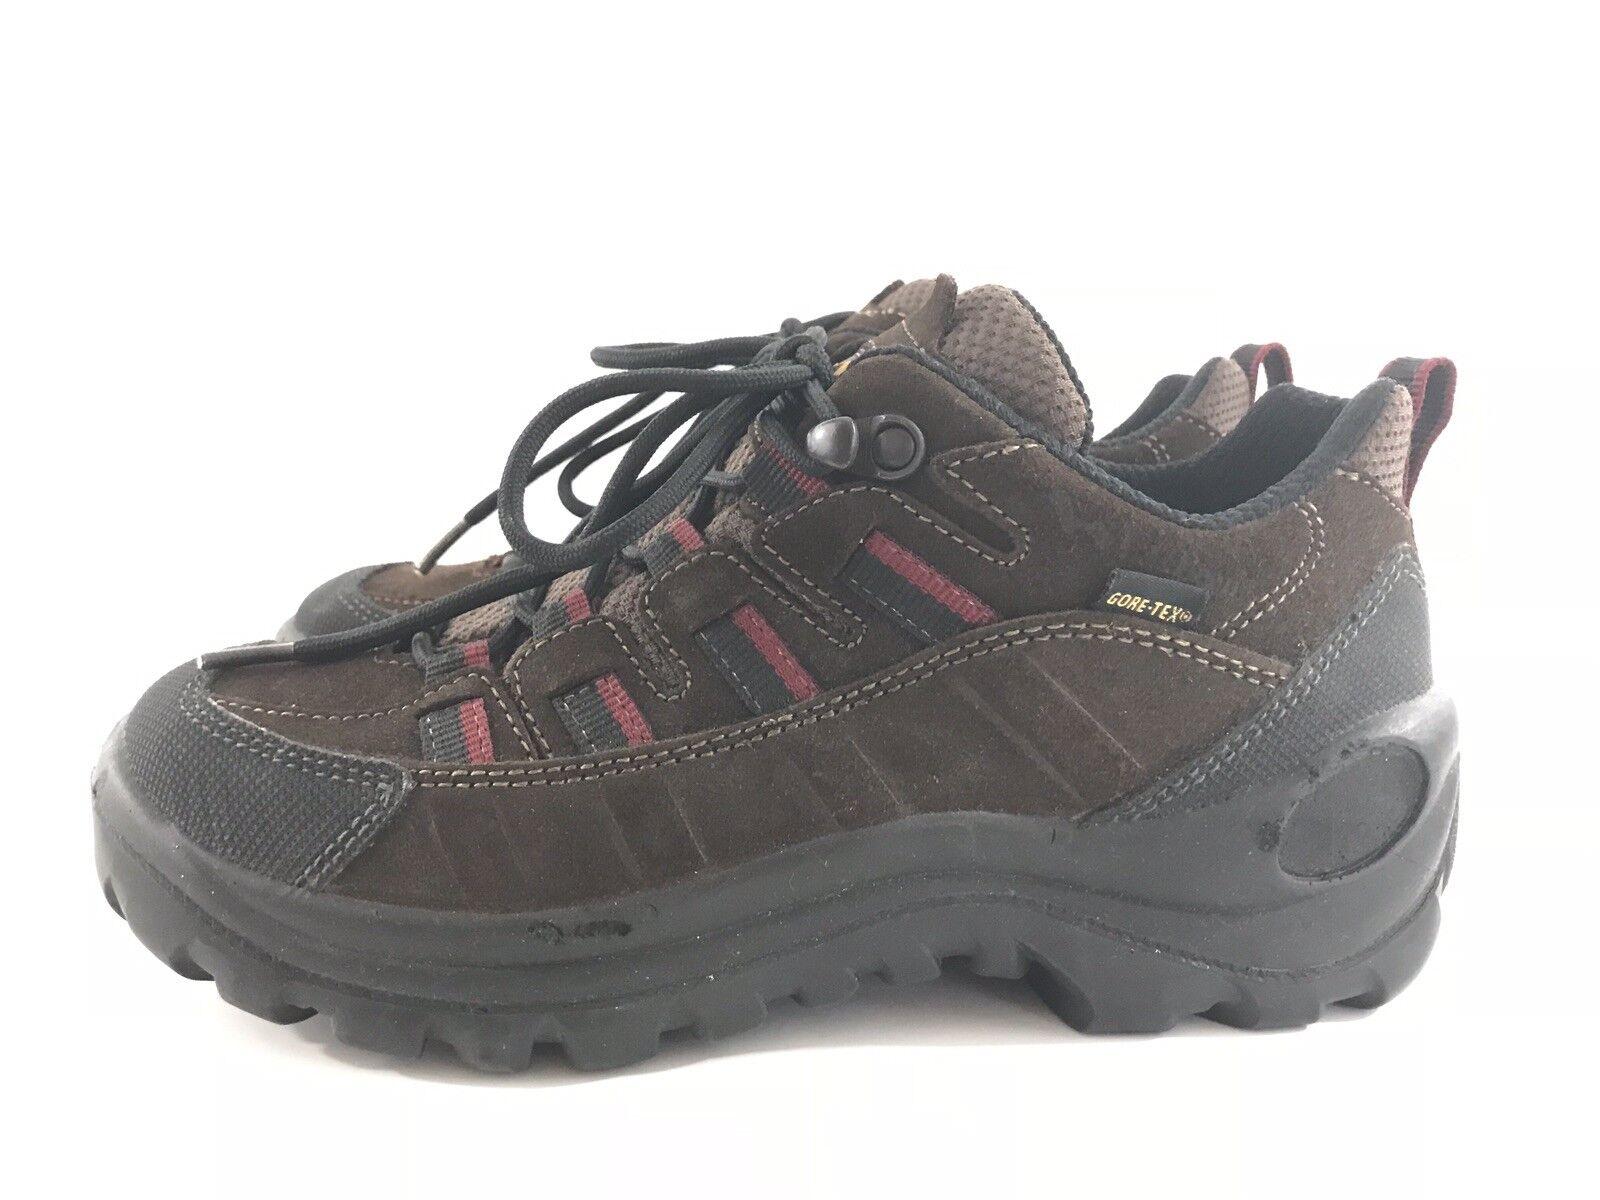 Womens LL Bean Gore-Tex Vibram Hiking Trail shoes Boots Size 6 M